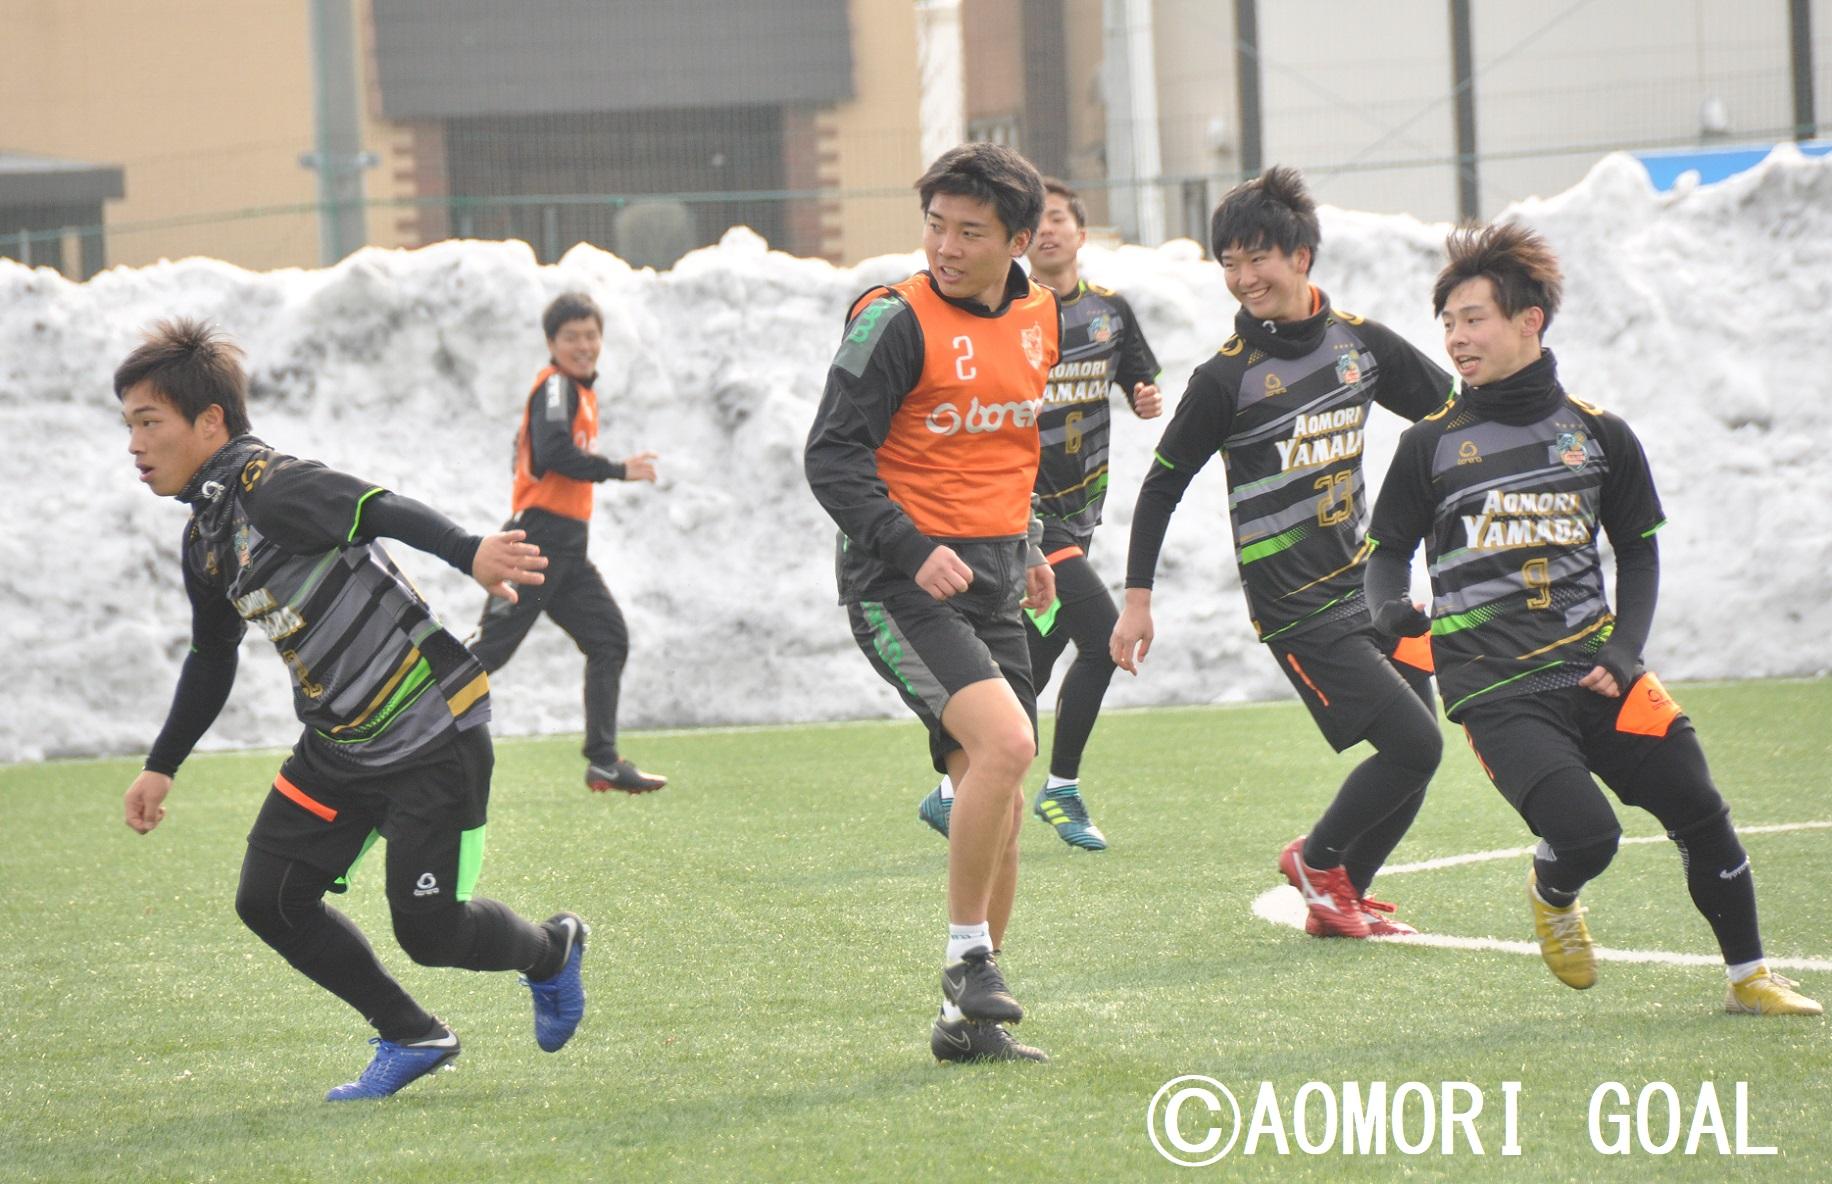 青森 山田 高校 サッカー 部